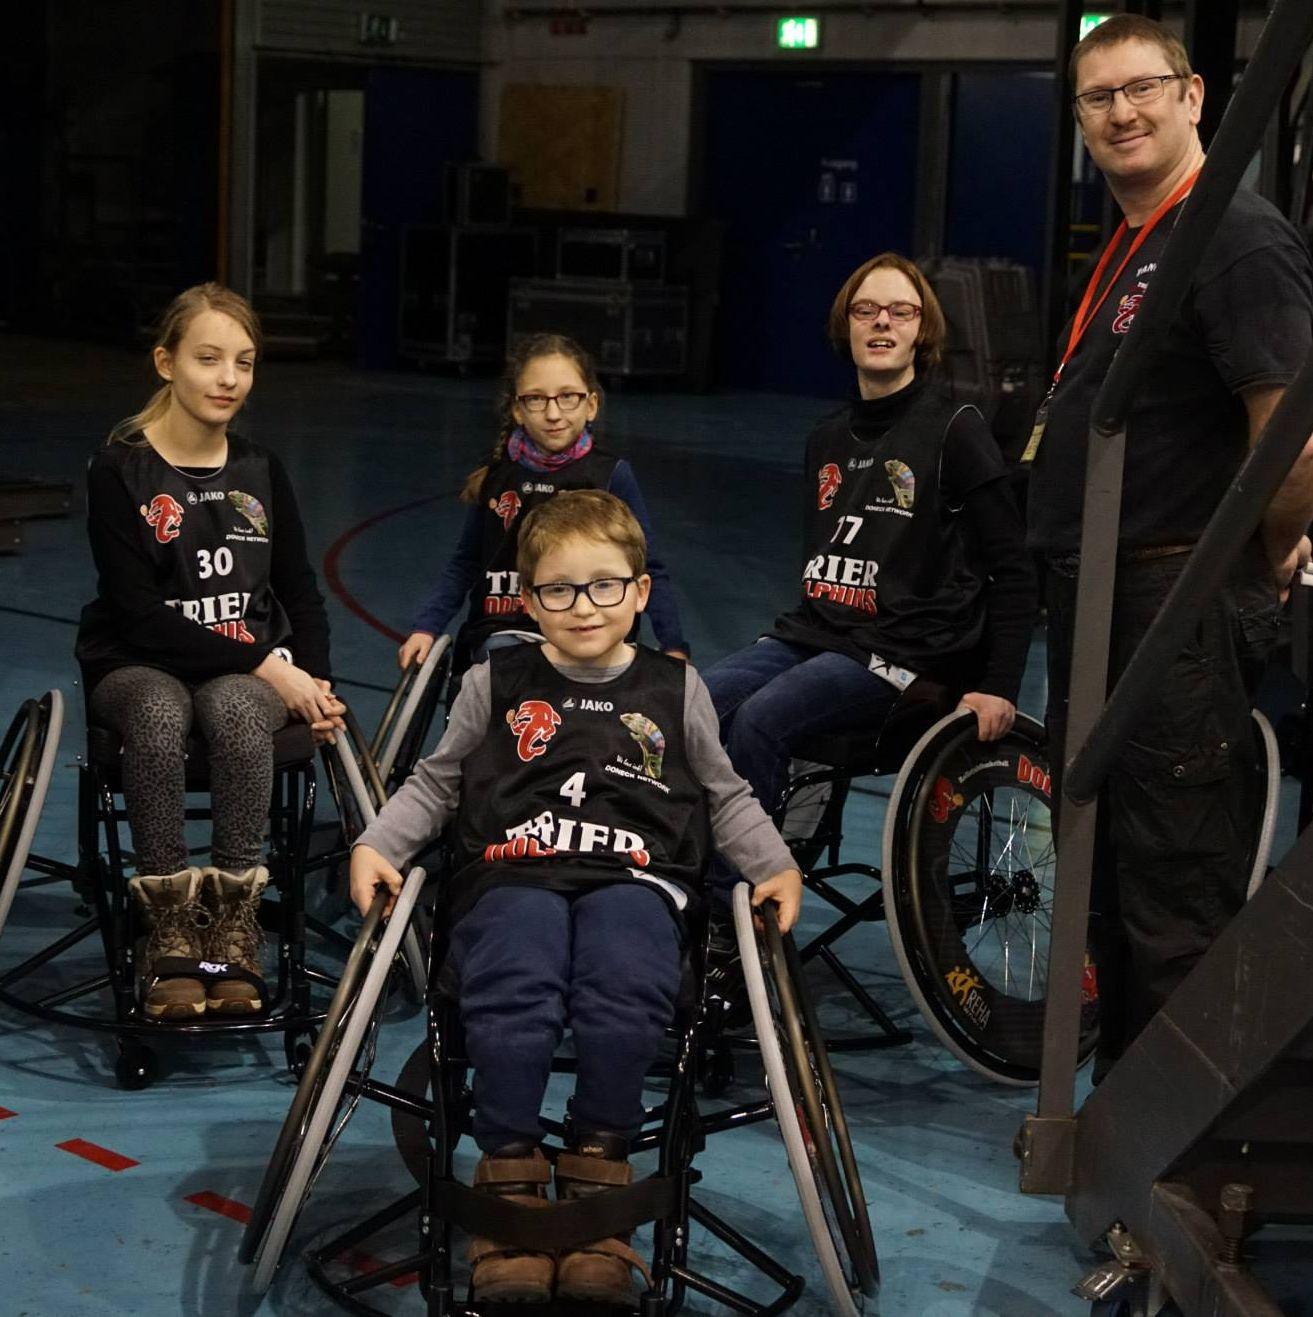 15-01-24-Rollstuhl-Spenden-Fan-Club-Dolphins-Foto-01